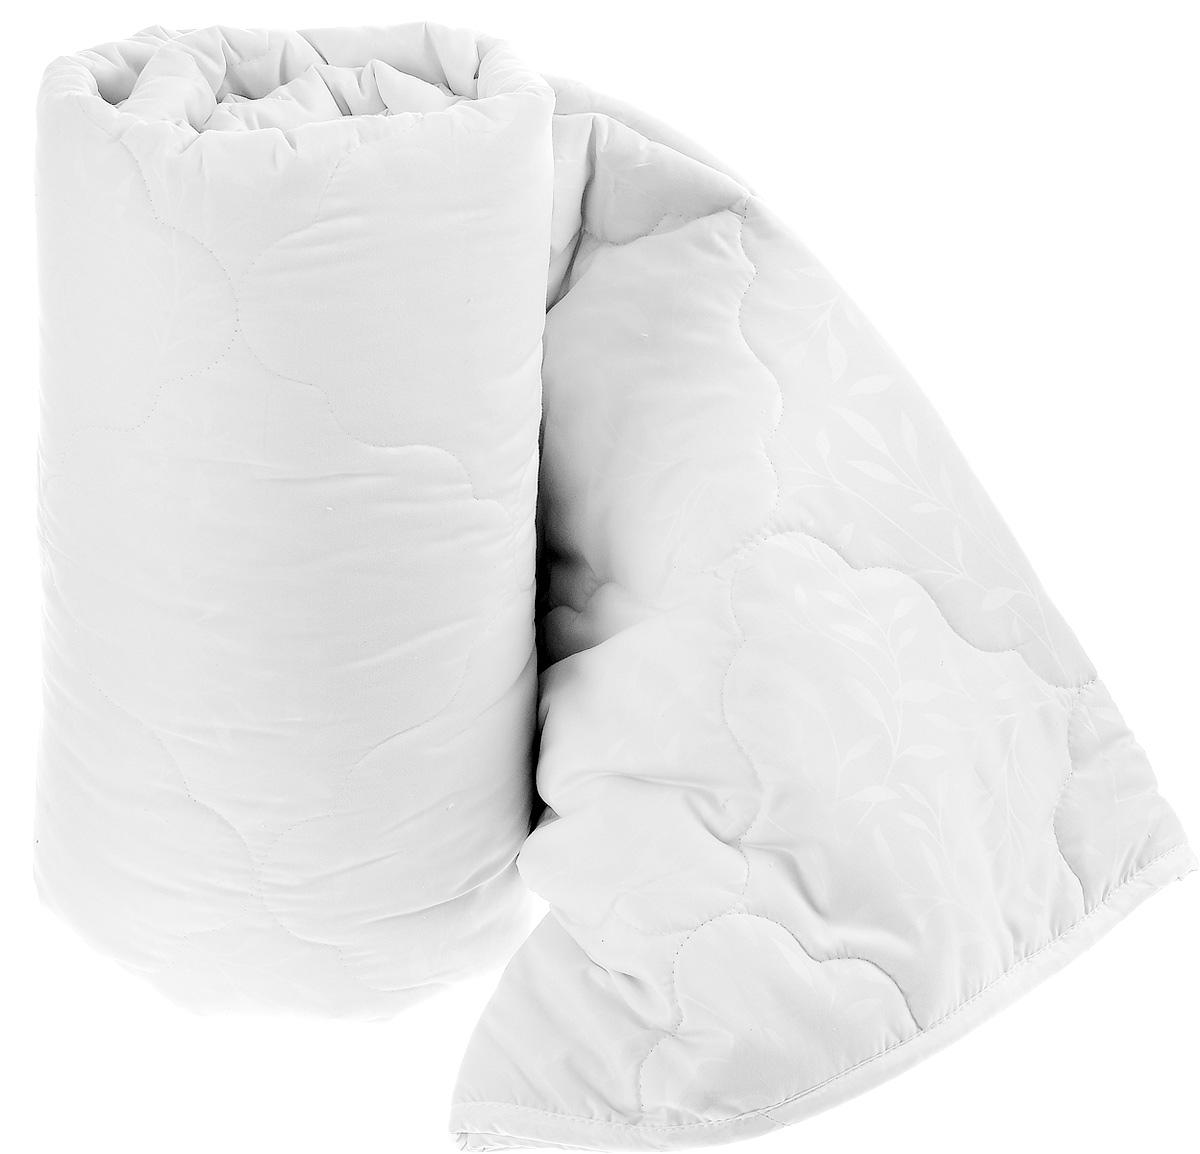 Одеяло Sova & Javoronok, наполнитель: верблюжья шерсть, микрофибра, цвет: белый, 200 х 220 см100-49000000-60Чехол одеяла Sova & Javoronok выполнен из высококачественной микрофибры (100%полиэстера). Наполнитель одеяла изготовлен из верблюжьей шерсти и полиэфирного волокна. Стежка надежно удерживает наполнитель внутри и не позволяет ему скатываться. Особенности наполнителя:- исключительные терморегулирующие свойства;- высокое качество прочеса и промывки шерсти;- великолепные ощущения комфорта и уюта. Верблюжья шерсть обладает целебными качествами, содержит наиболее высокий процент ланолина (животного воска), который является природным антисептиком и благоприятно воздействует на организм по целому ряду показателей: оказывает благотворное действие на мышцы, суставы, позвоночник, нормализует кровообращение, имеет профилактический эффект при заболевания опорно-двигательного аппарата. Кроме того, верблюжья шерсть антистатична. Шерсть верблюда сохраняет прохладу в период жаркого лета и удерживает тепло во время суровой зимы. Одеяло упакована в прозрачный пластиковый чехол на змейке с ручкой, что является чрезвычайно удобным при переноске.Рекомендации по уходу:- Стирка запрещена,- Нельзя отбеливать. При стирке не использовать средства, содержащие отбеливатели (хлор),- Не гладить. Не применять обработку паром,- Химчистка с использованием углеводорода, хлорного этилена,- Нельзя выжимать и сушить в стиральной машине.